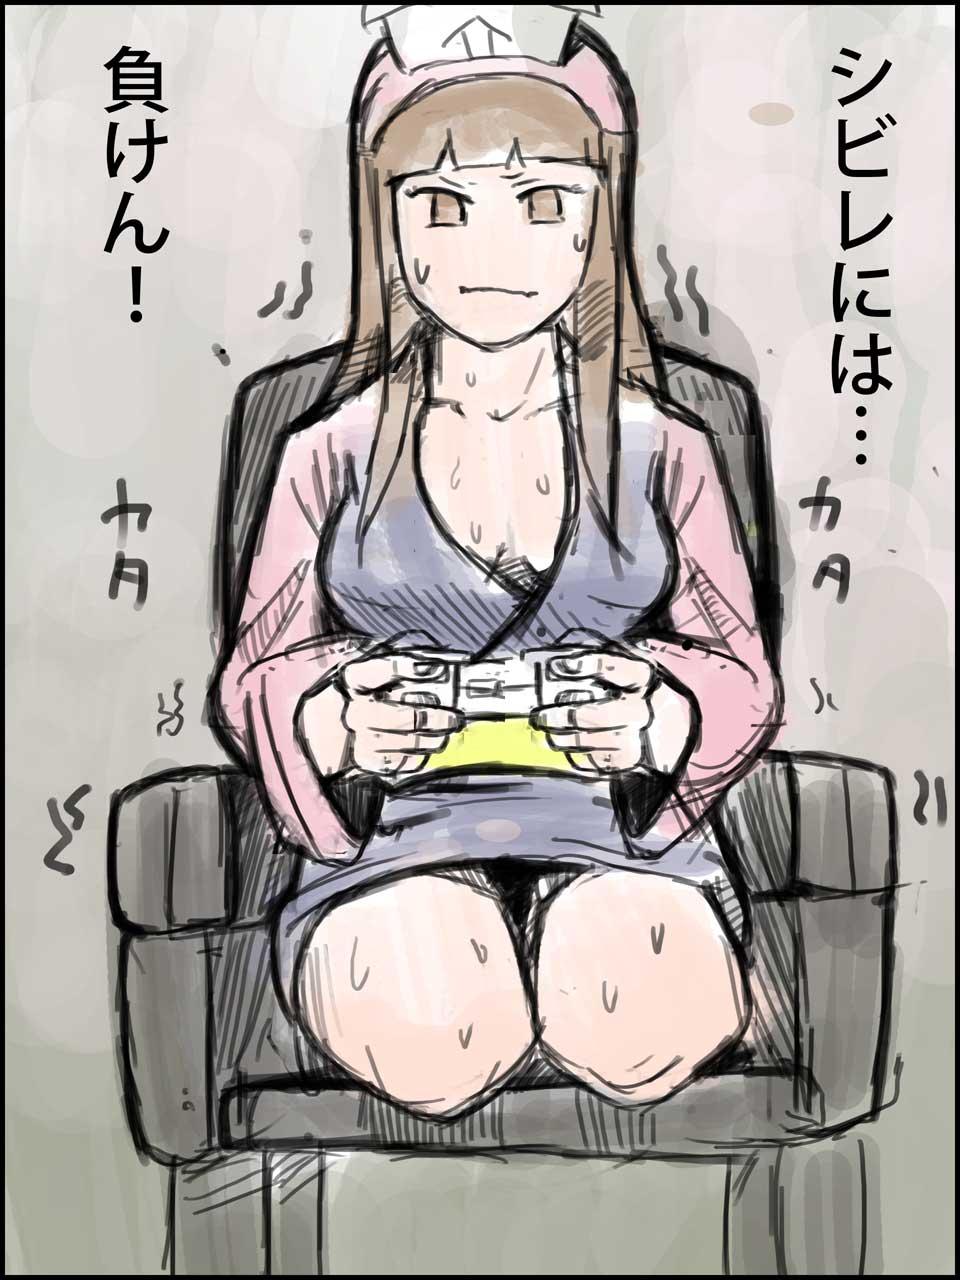 ゲームプレイの姿勢 いすで正座 姫子